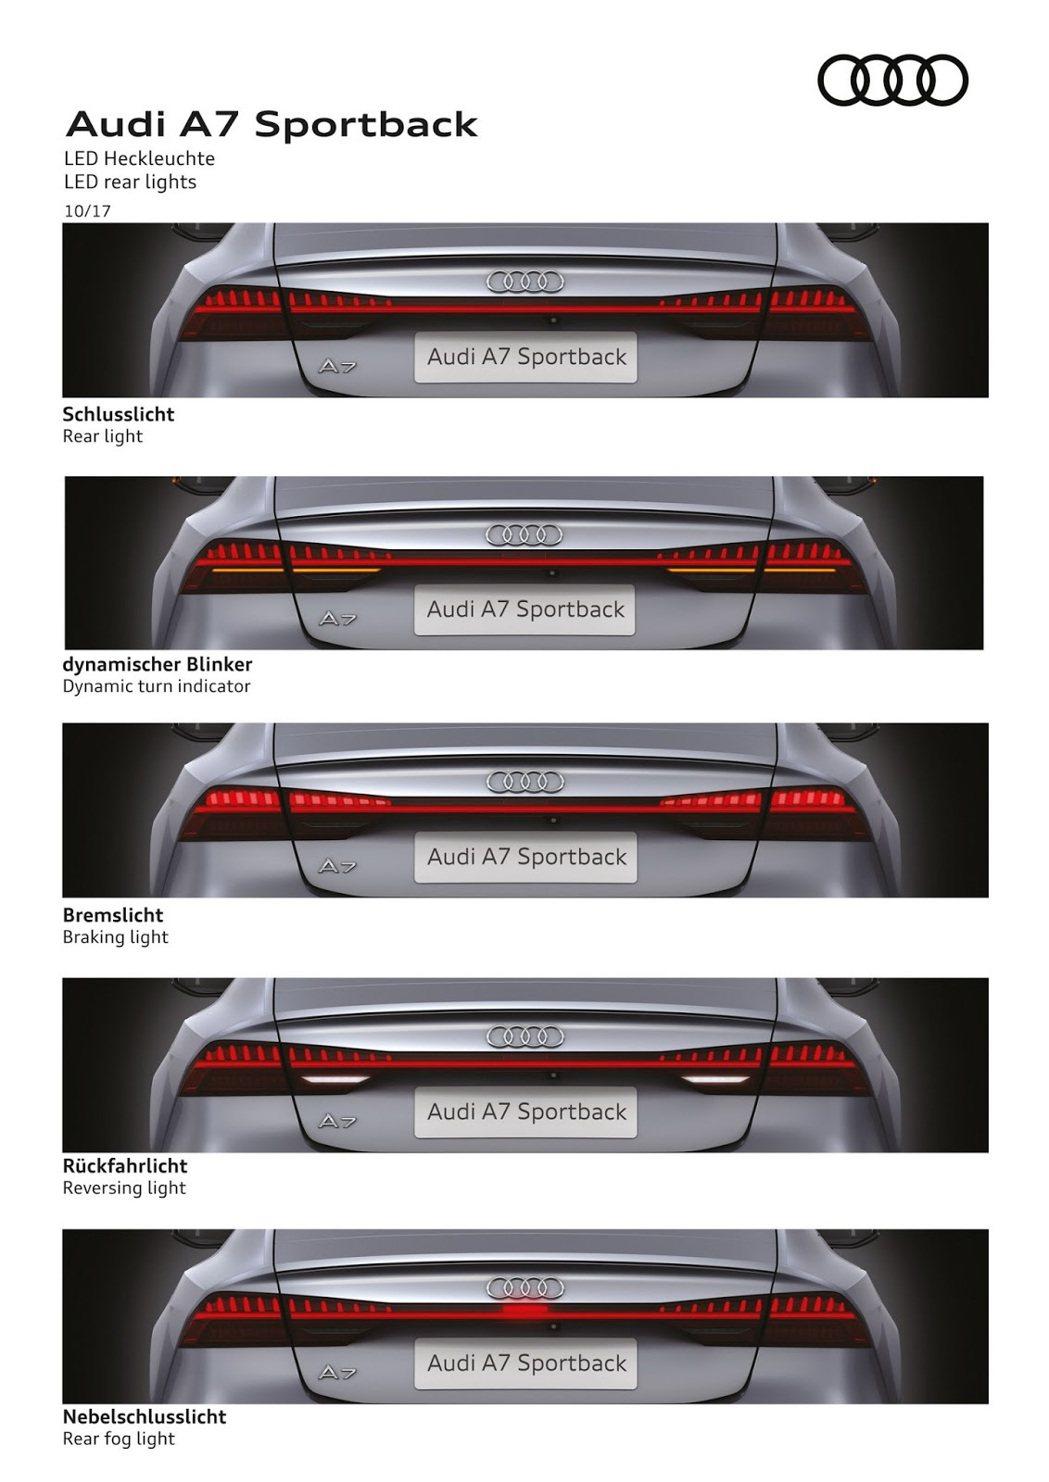 Audi A7 Sportback 尾燈展示說明。 摘自Audi